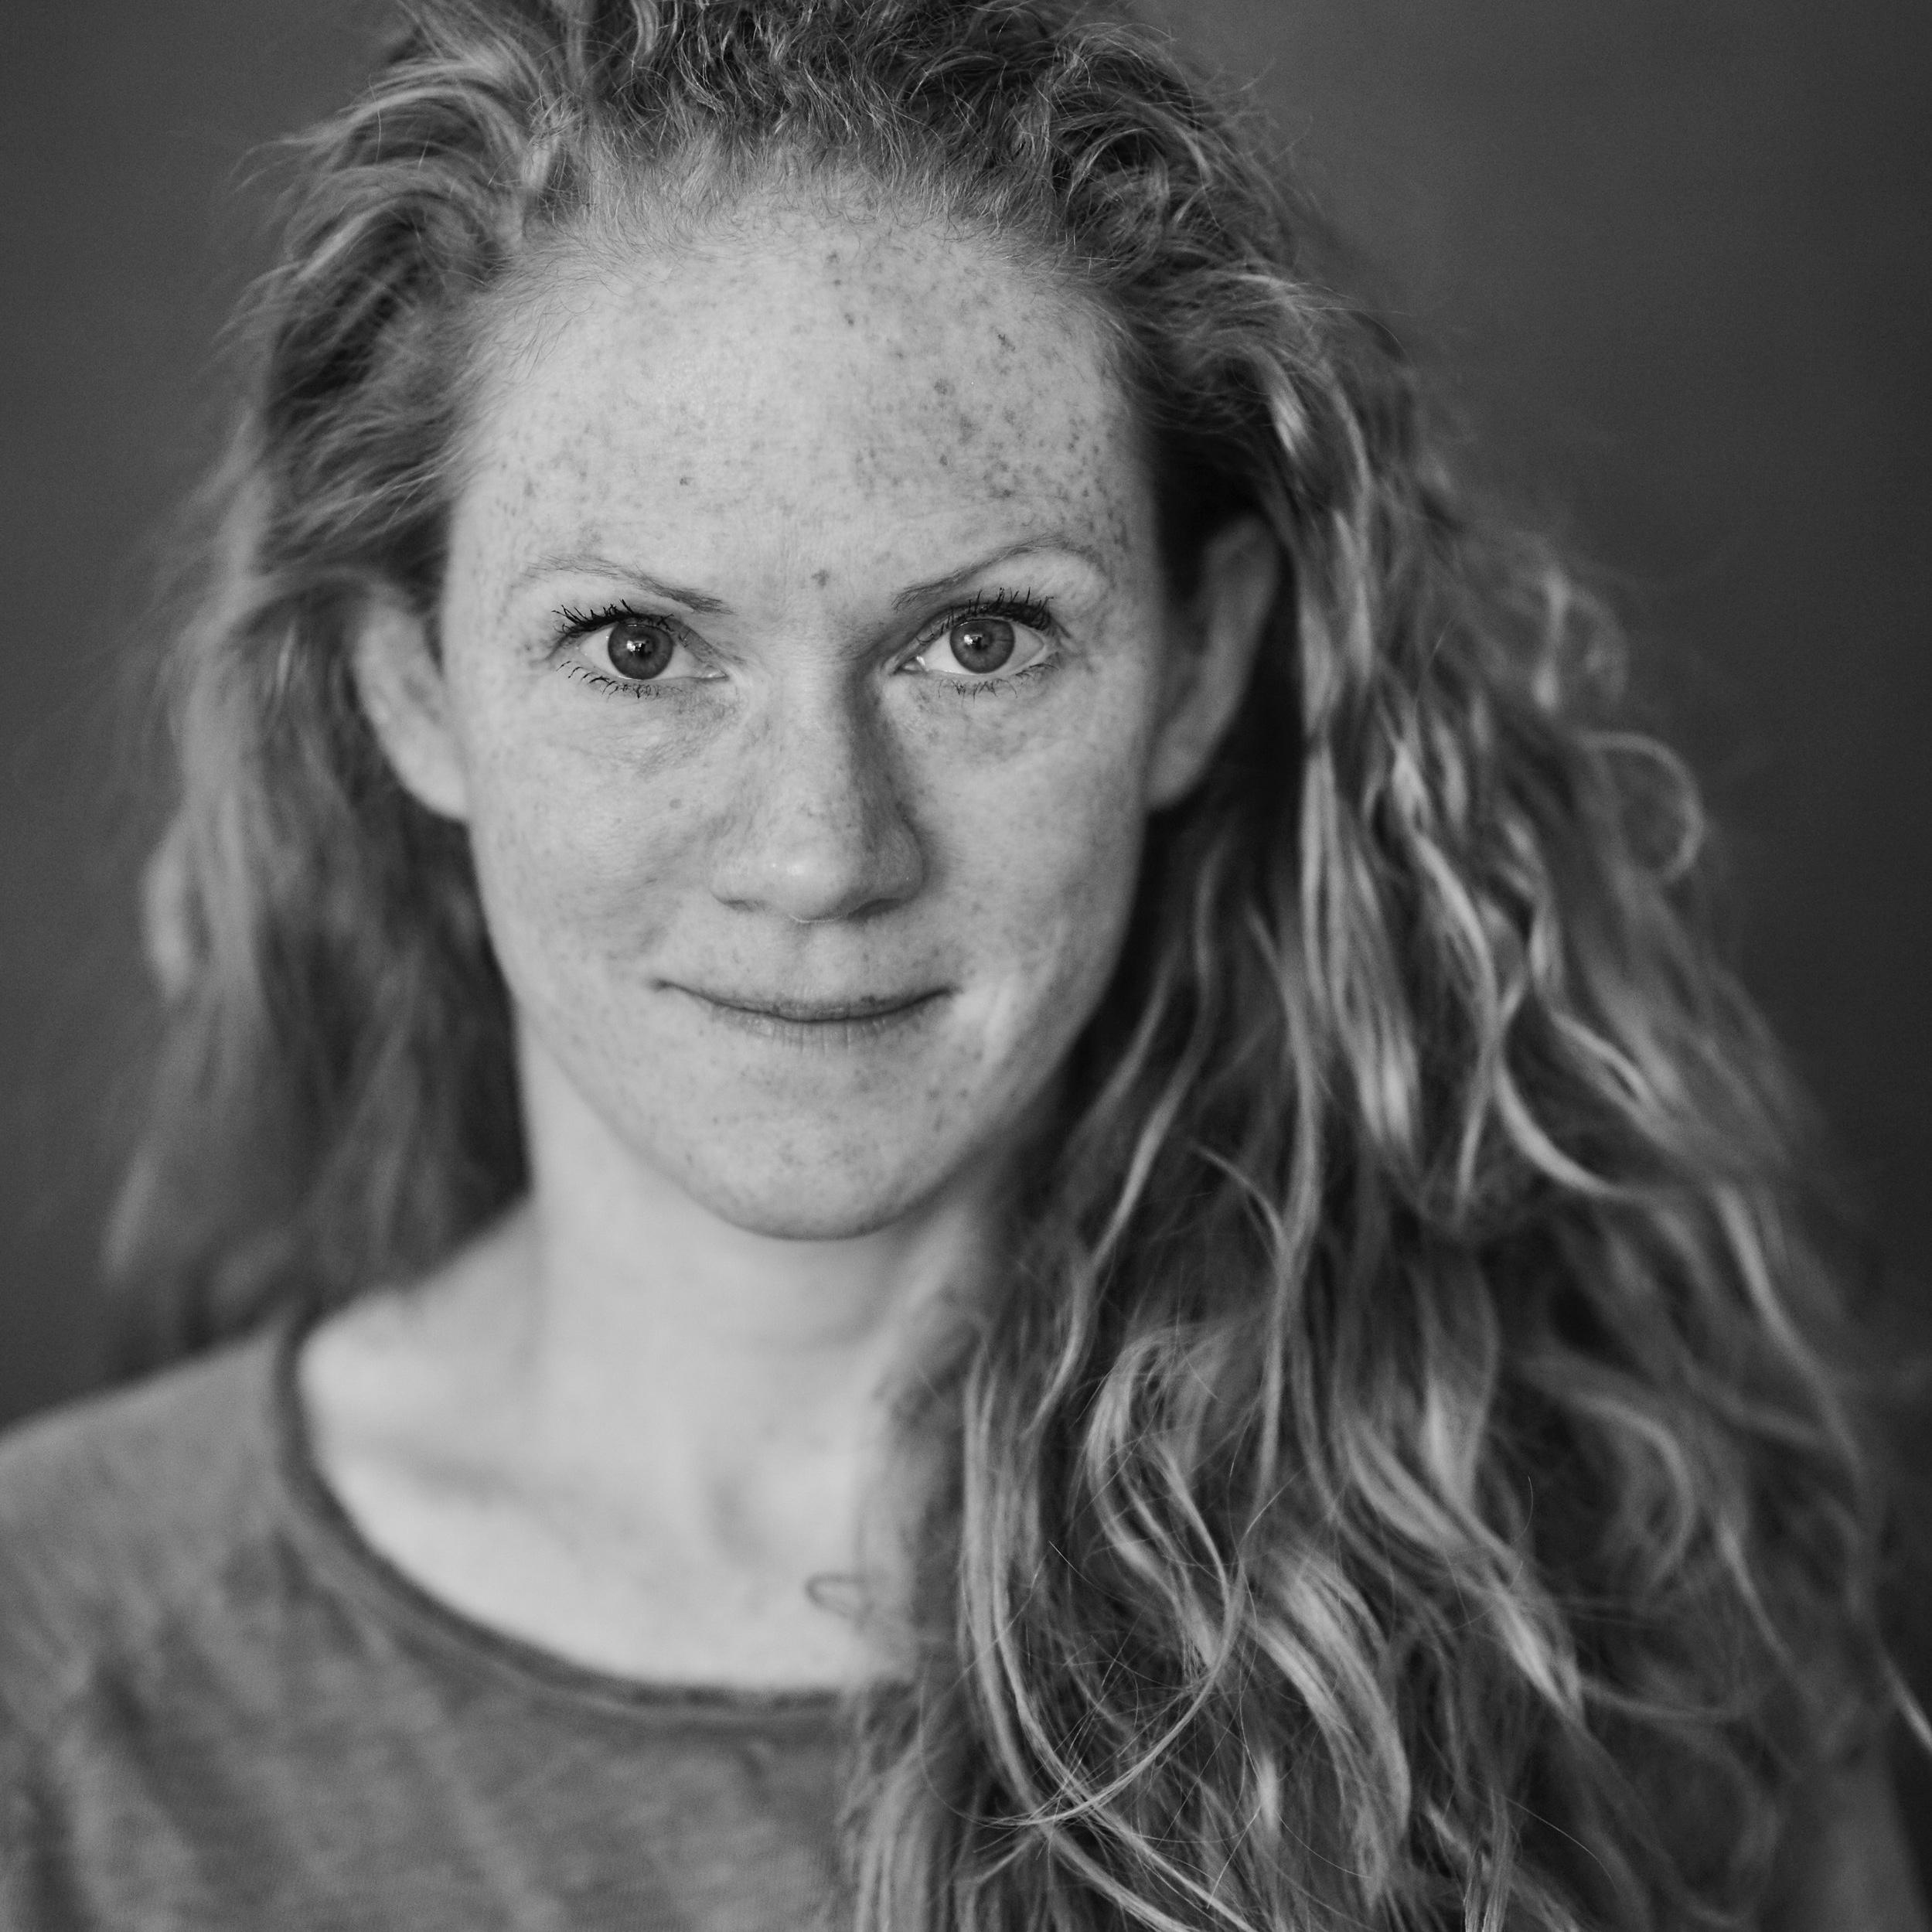 Alexa Hennig von Lange - ist eine vielfach preisgekrönte Schriftstellerin von Romanen sowie von Kinder- und Jugendbüchern.